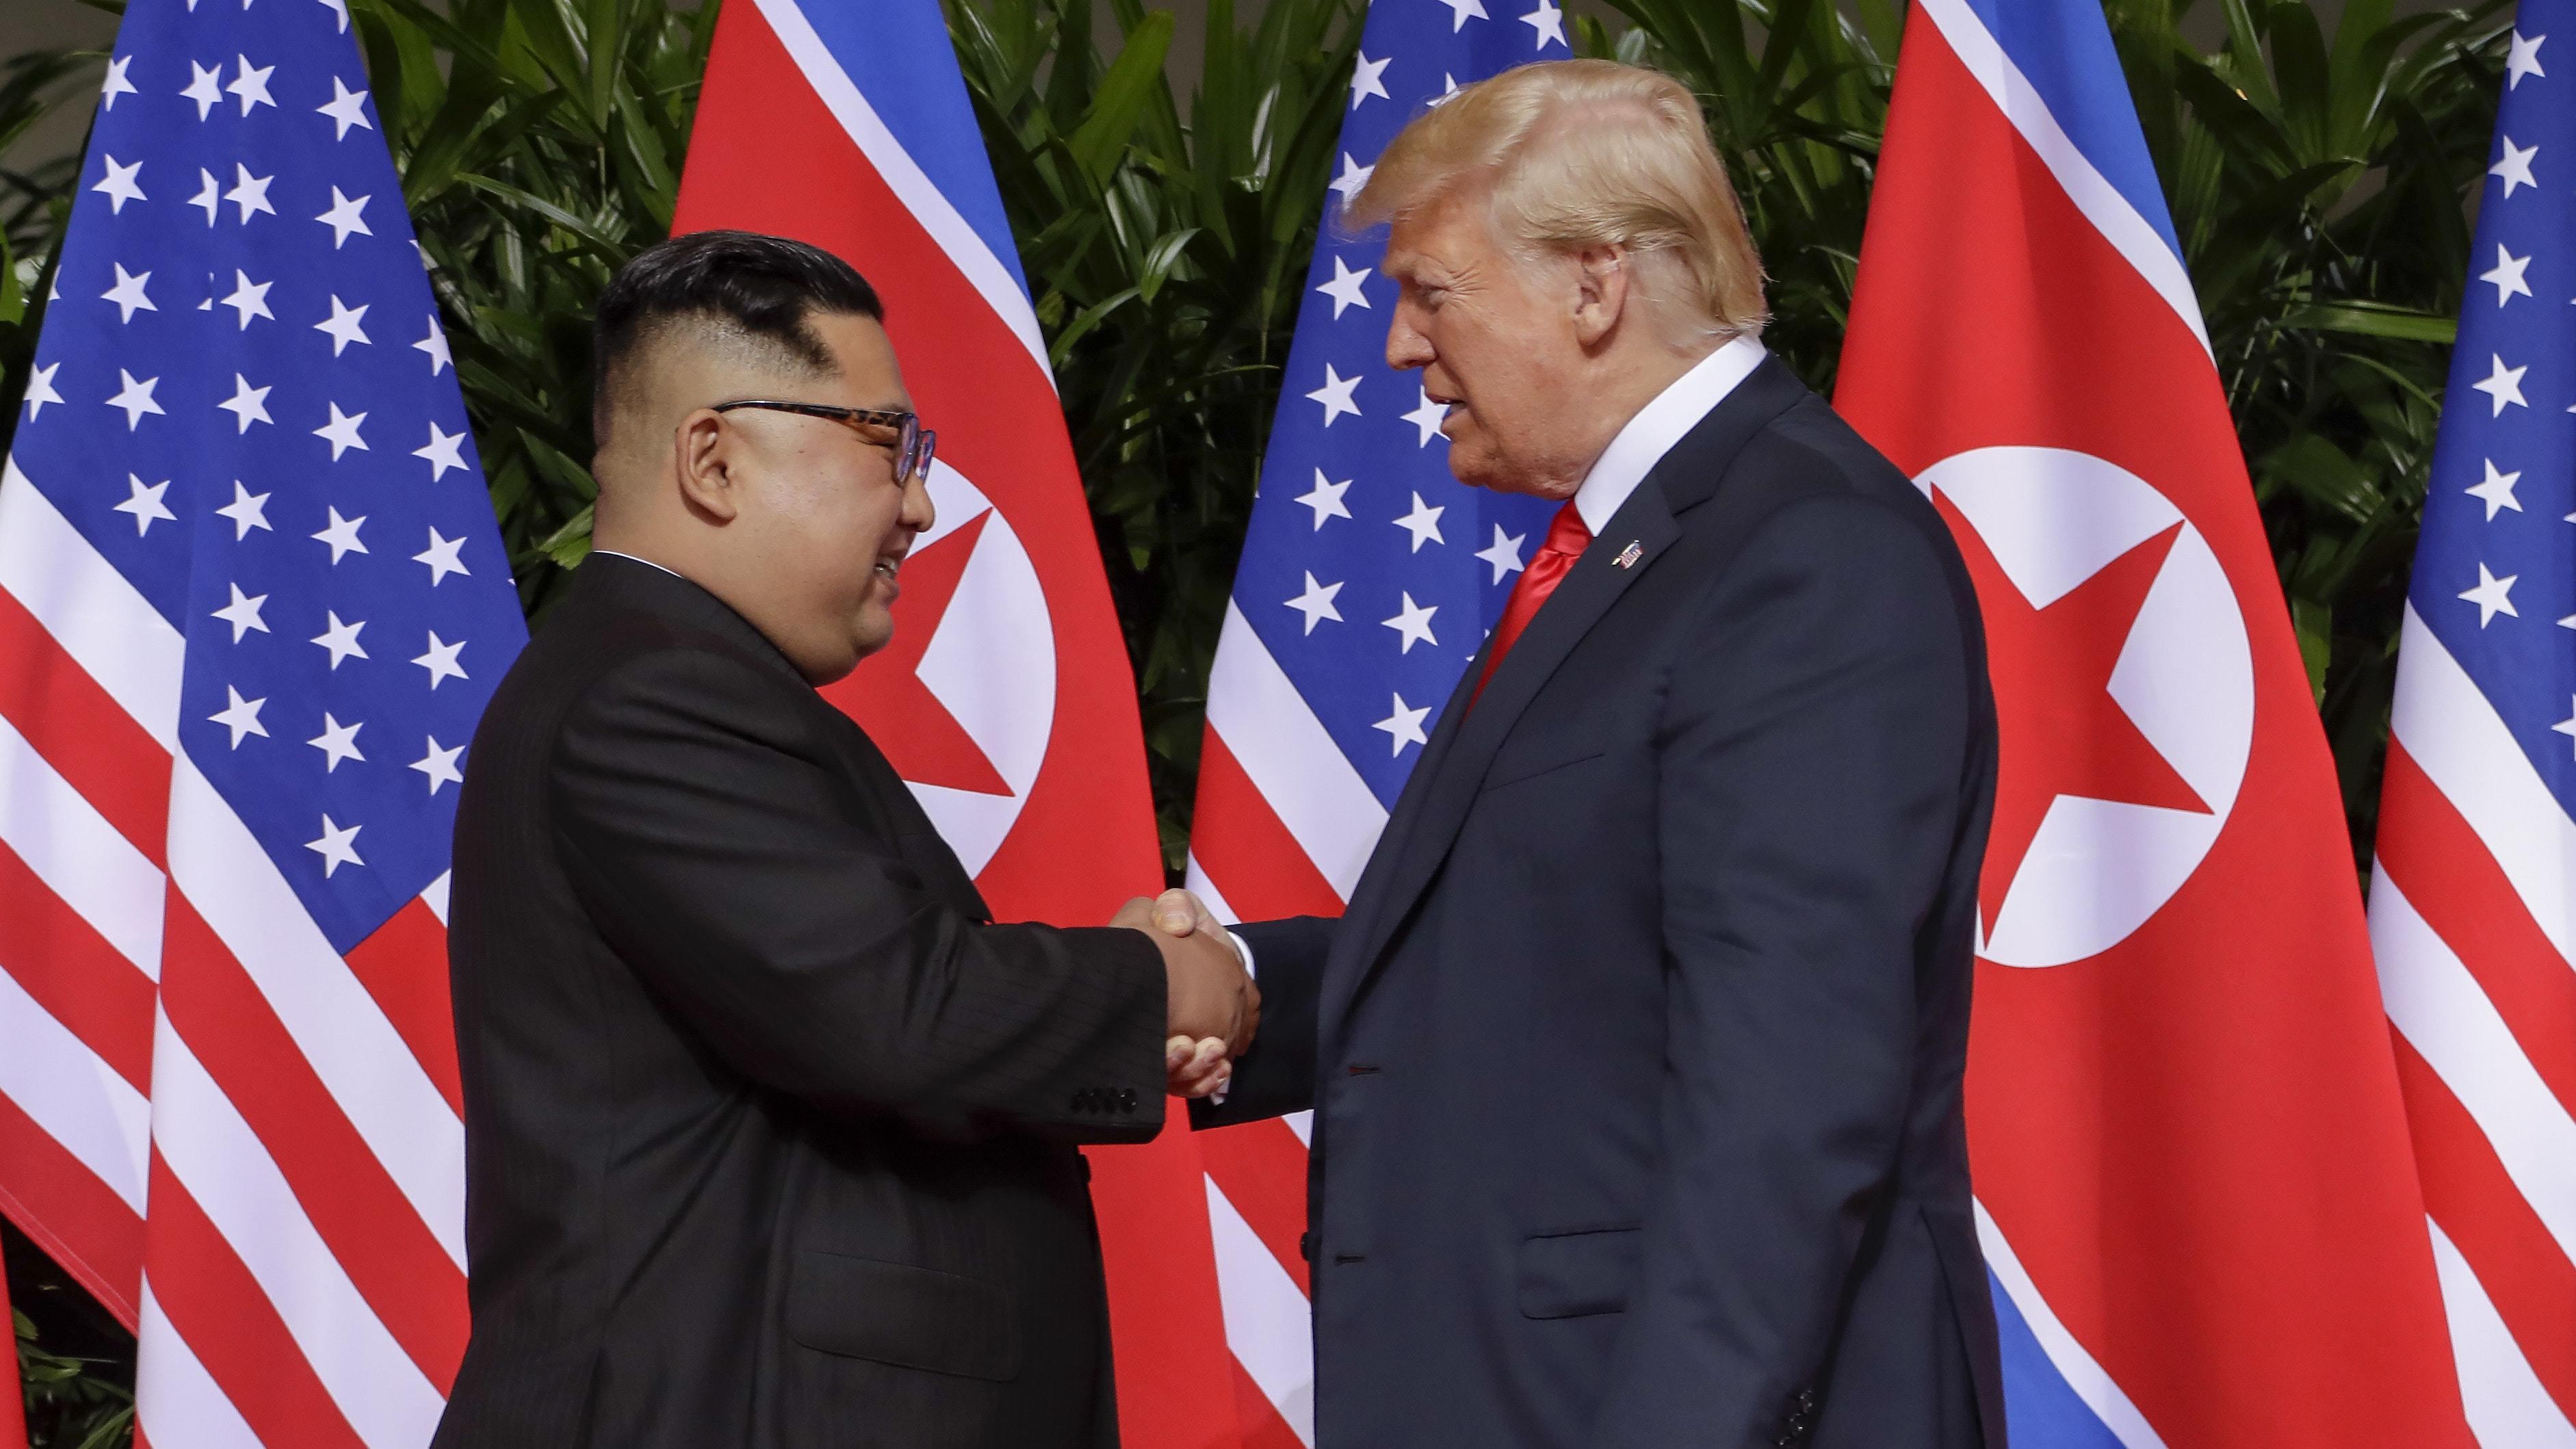 Kim and Trump shake hands